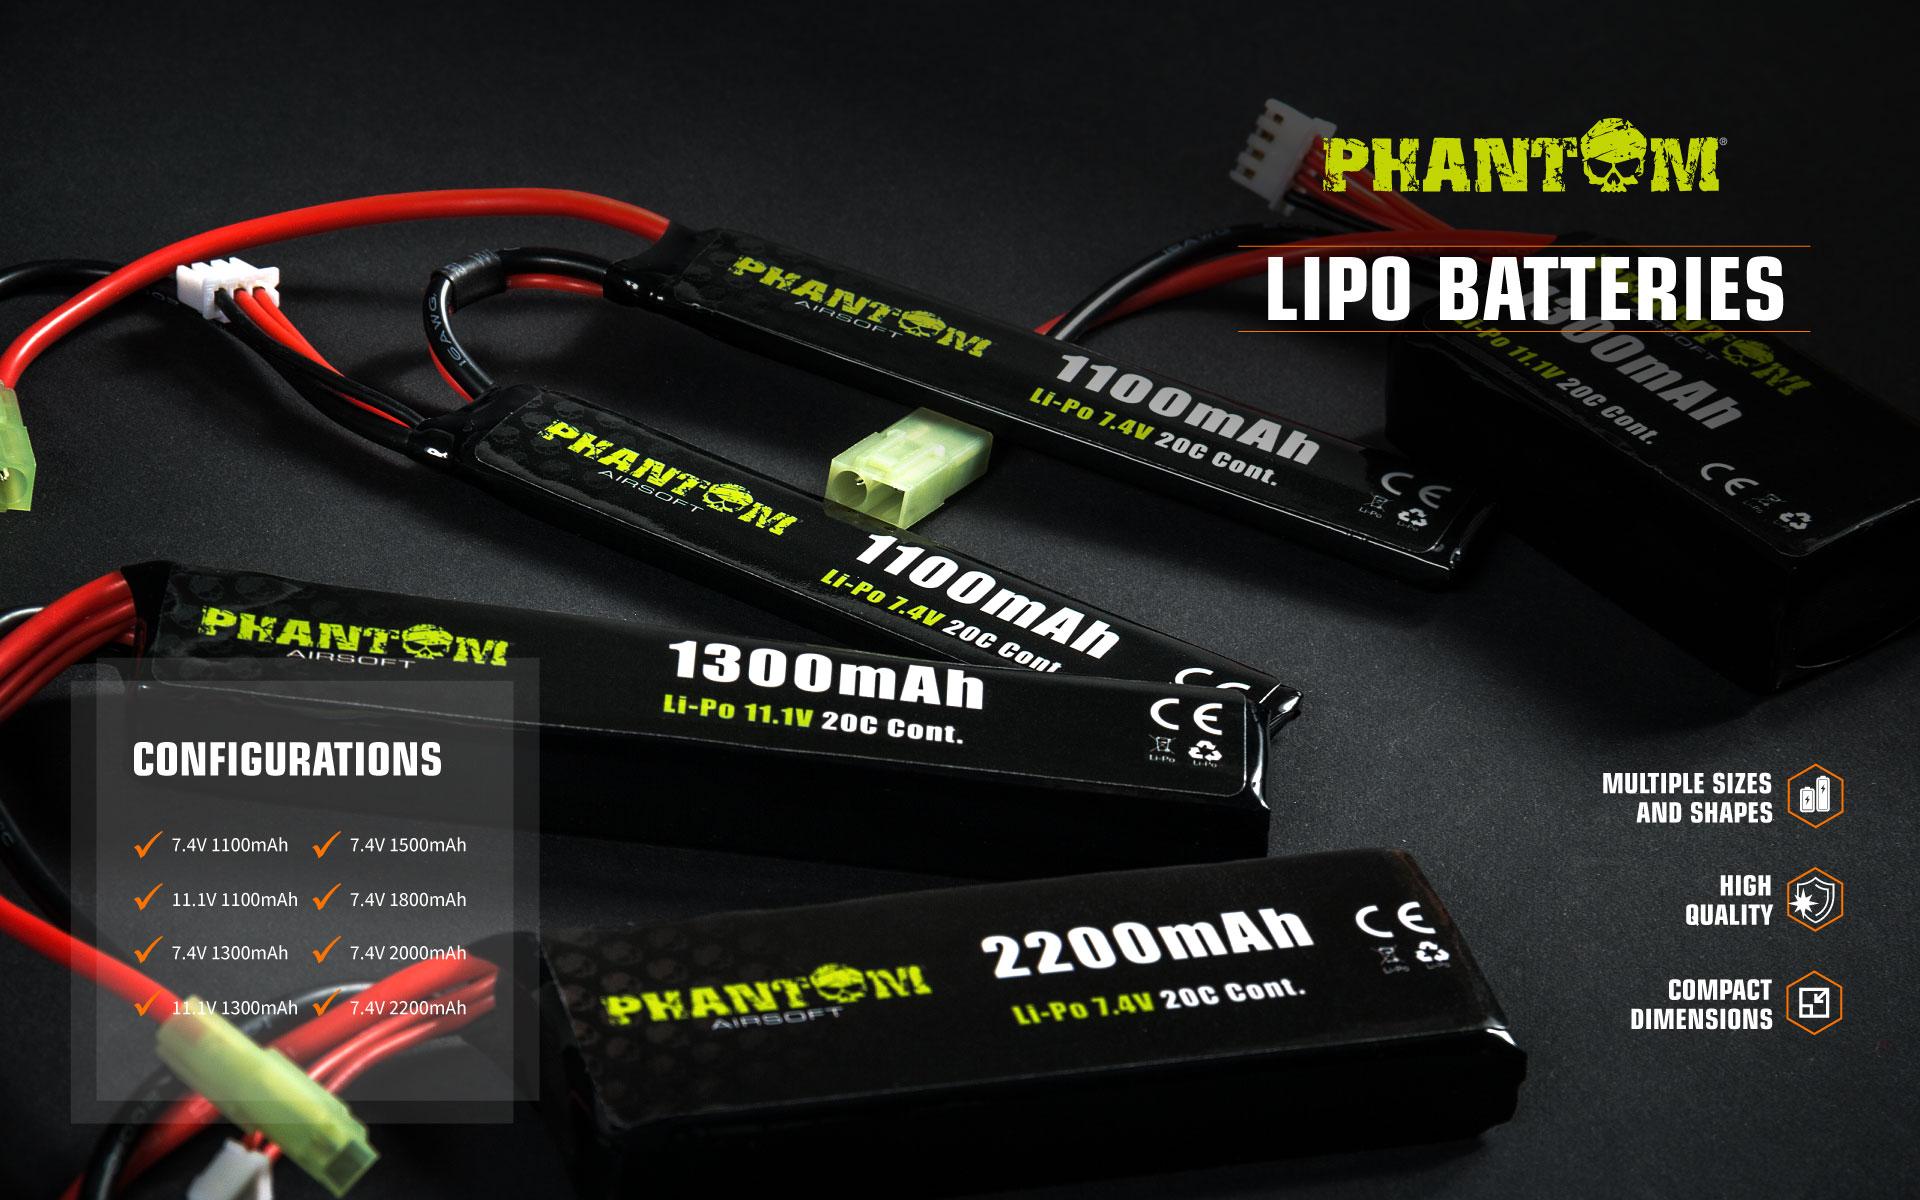 Phantom Li-Po batteries